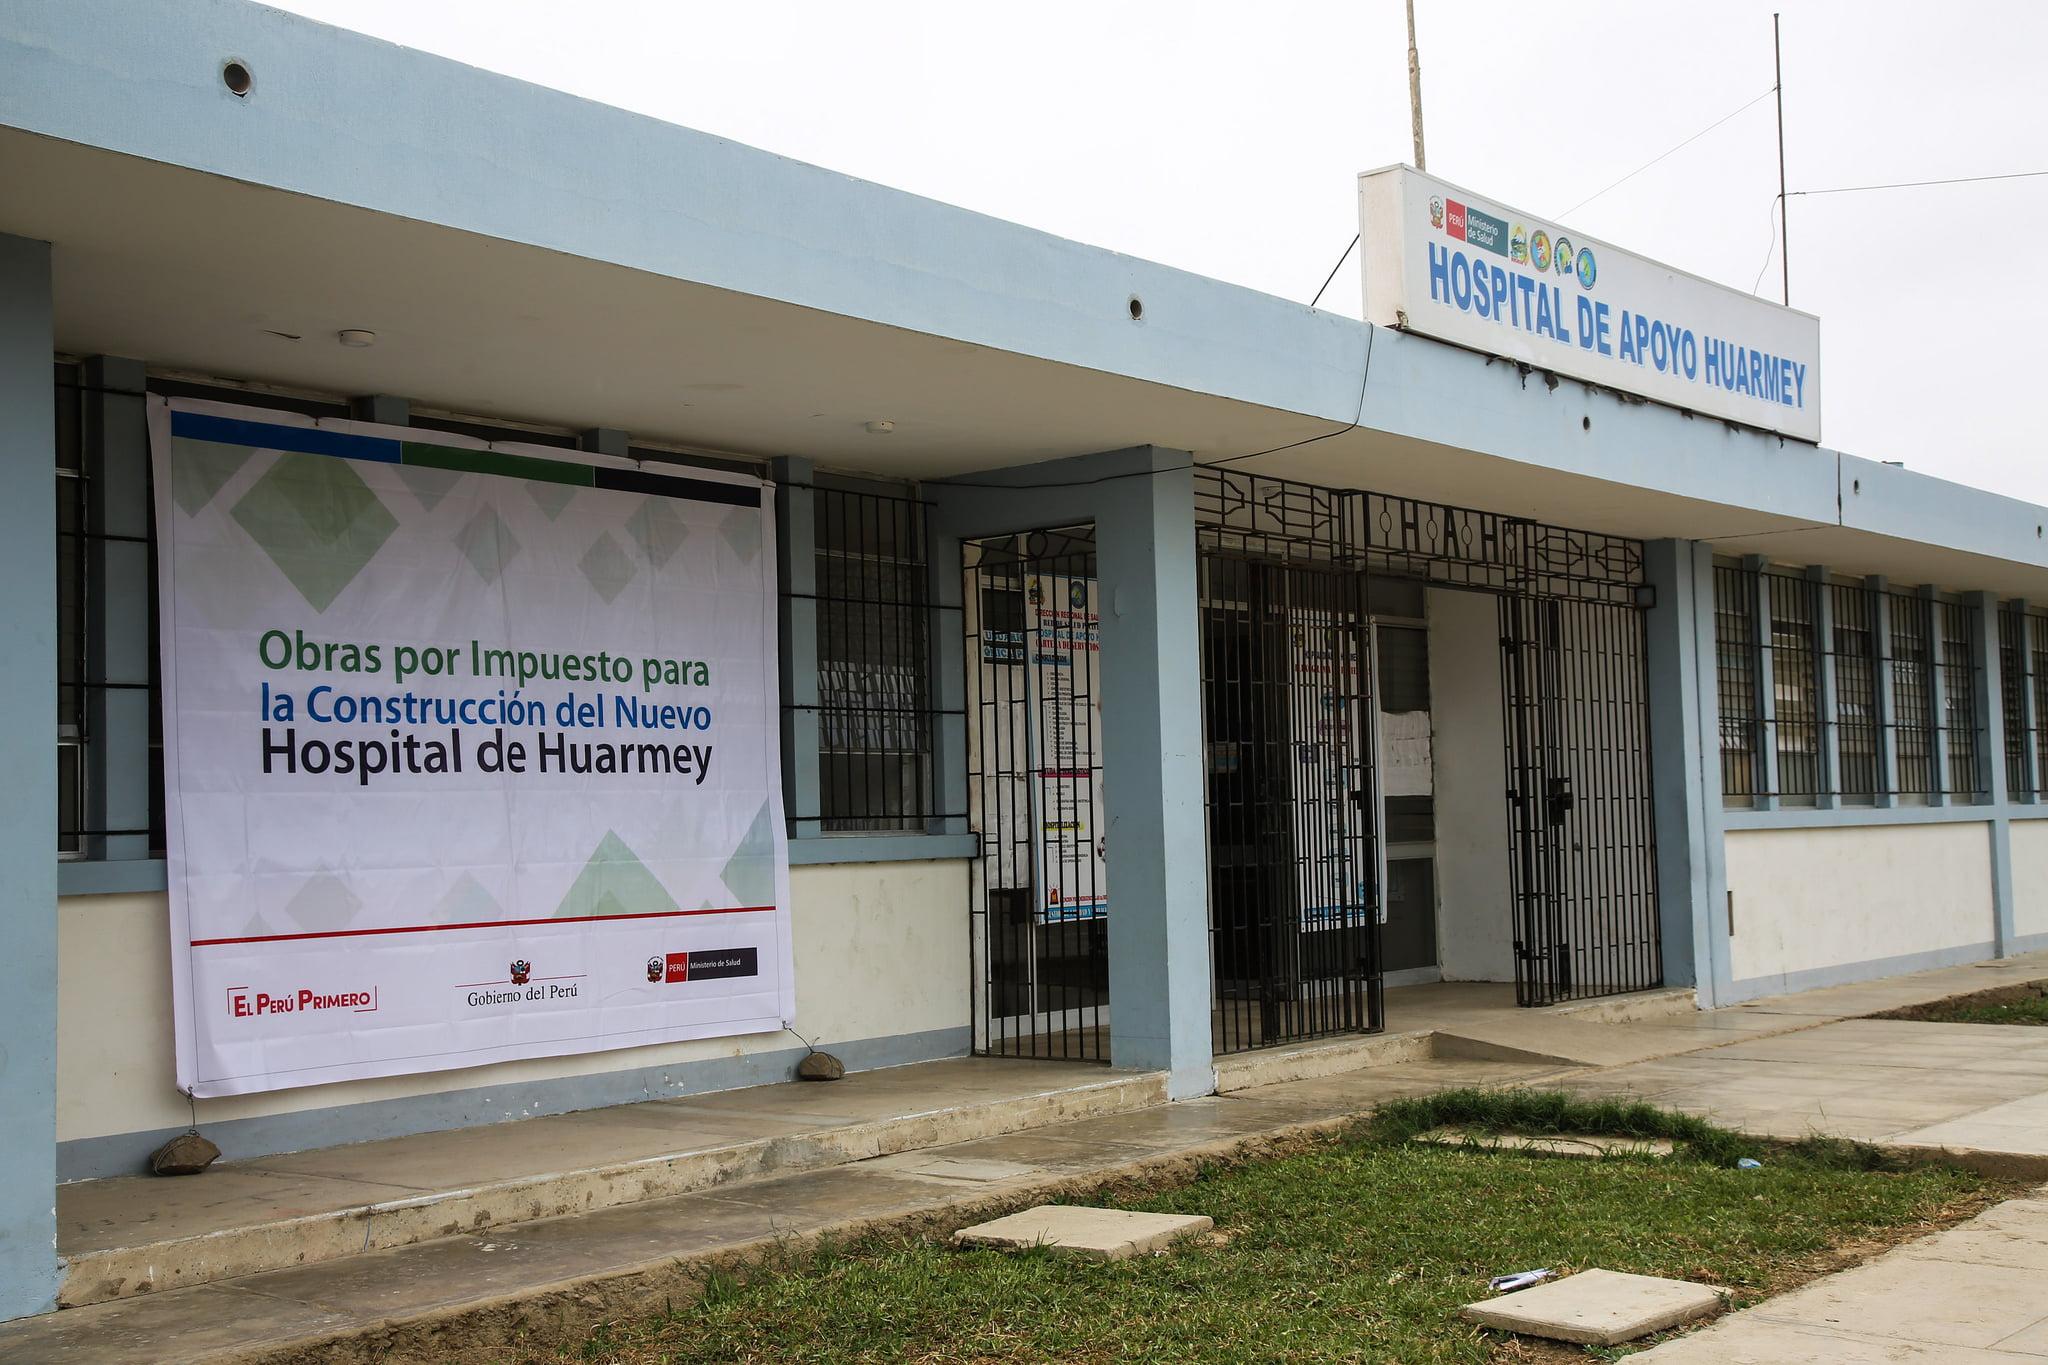 ProInversión reconoce al Minsa por promover obras por impuestos